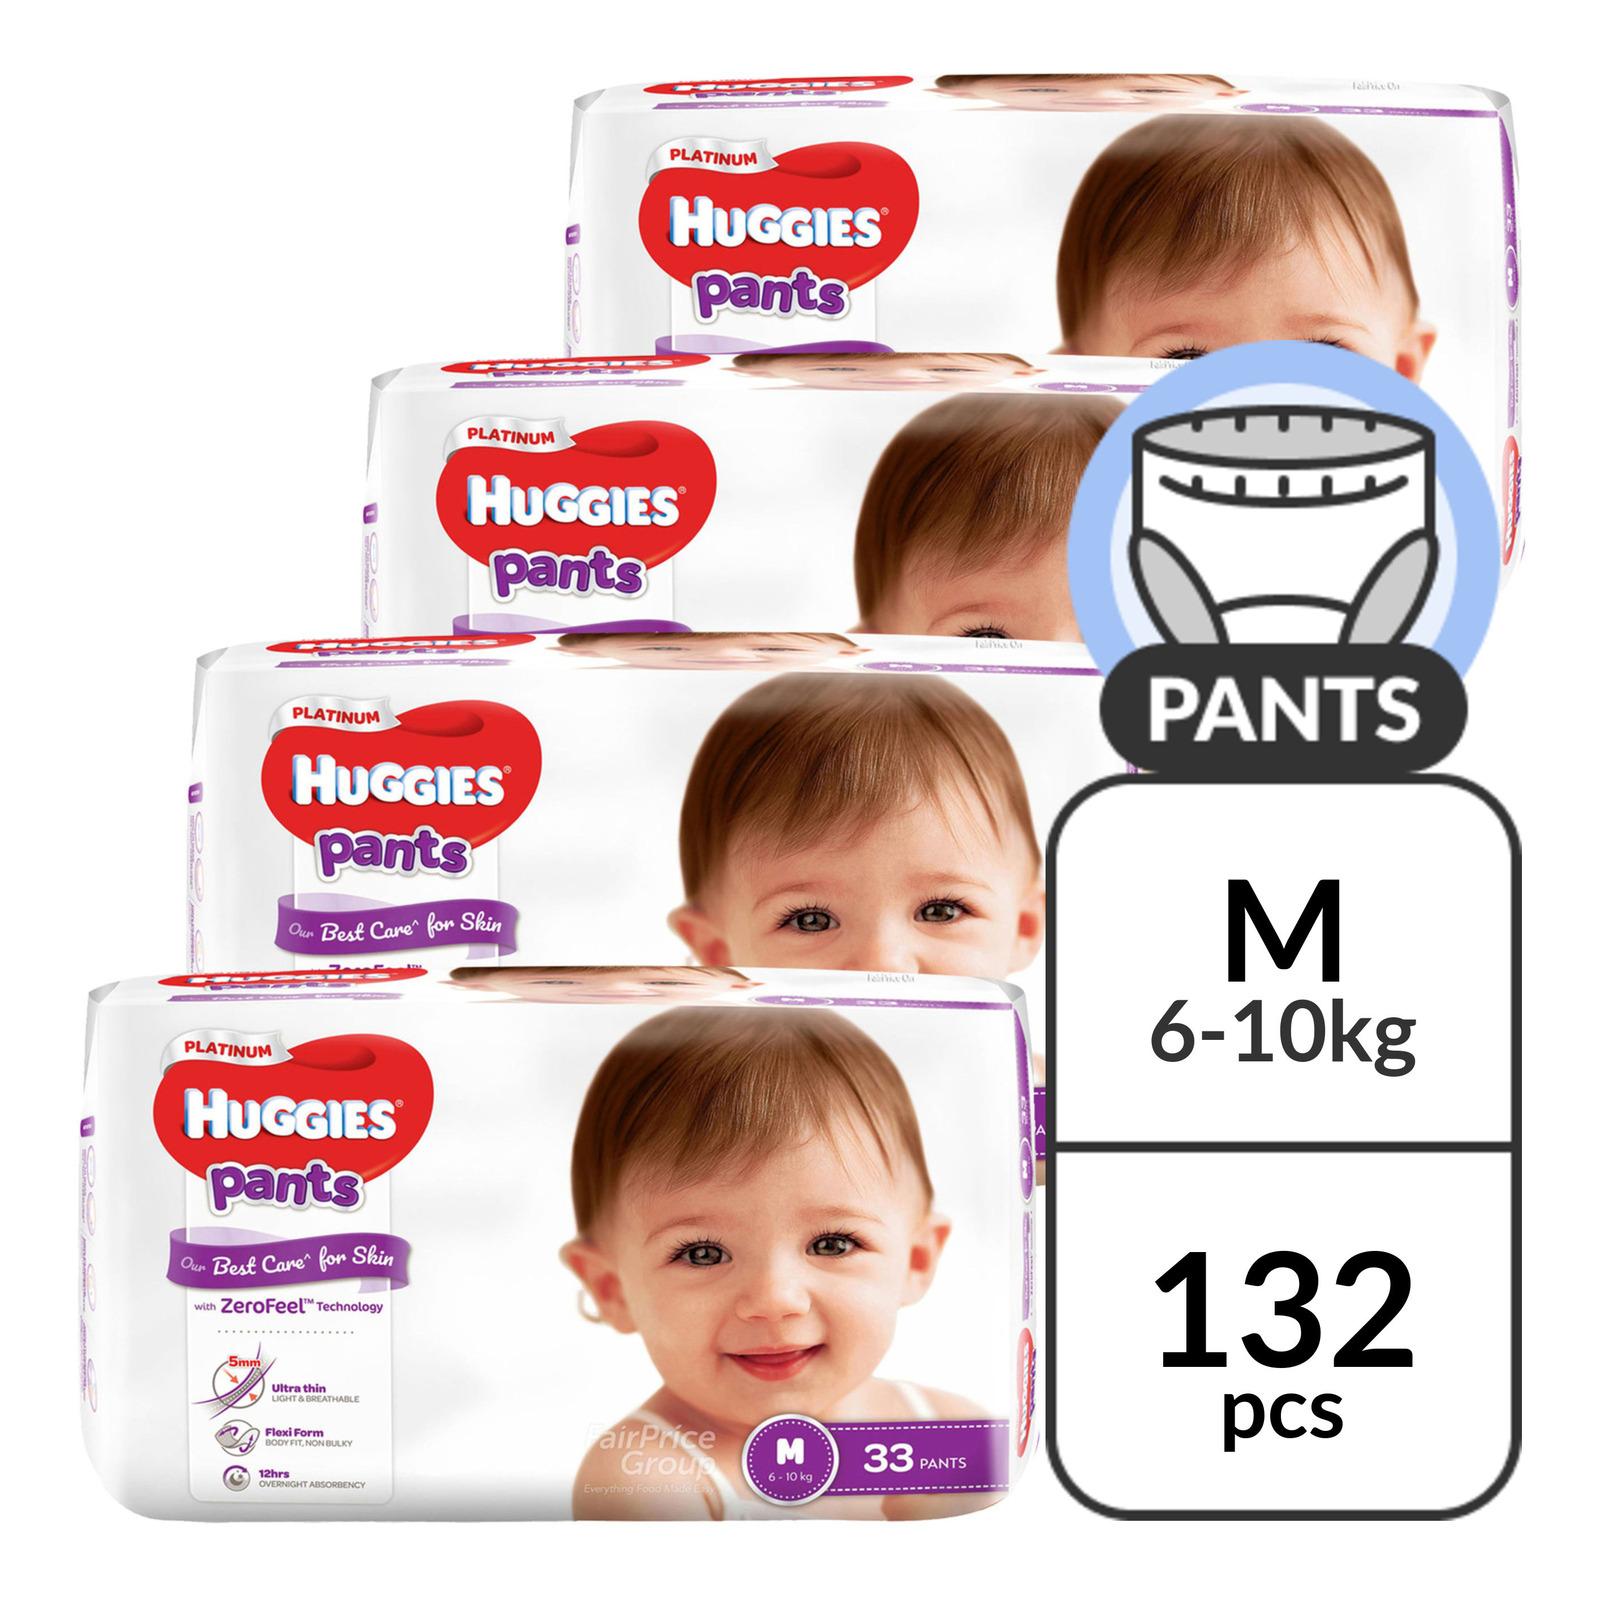 Huggies Platinum Pants - M (6 - 10kg)